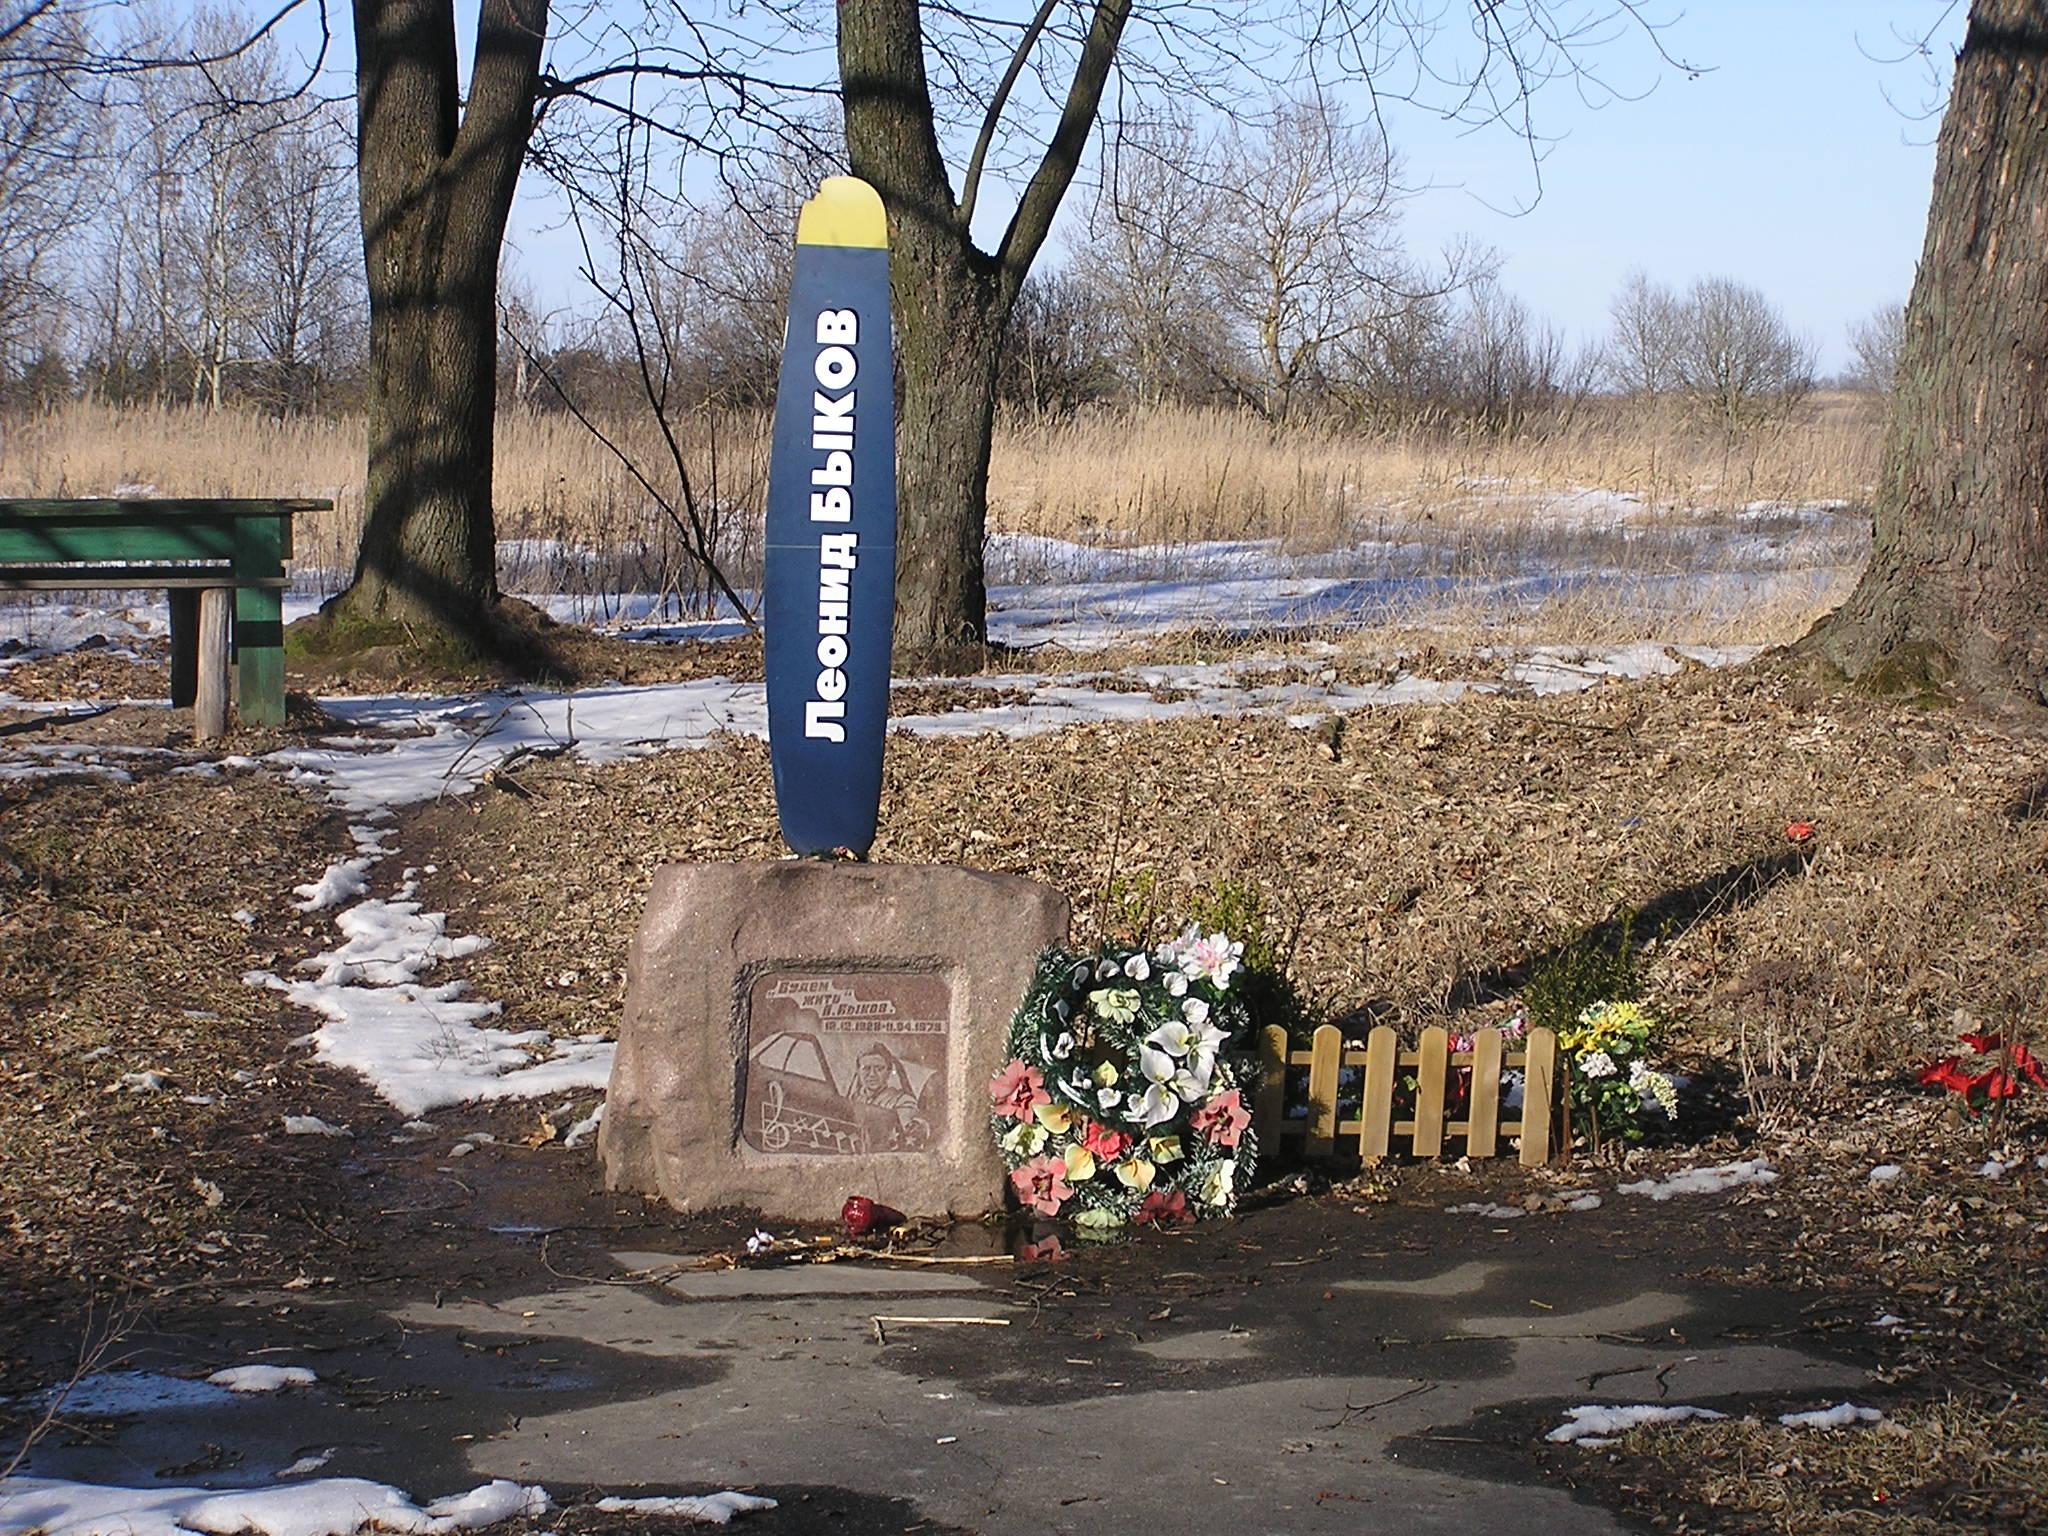 Рисунок 1. На месте аварии возле поселка Дымер, где погиб Леонид Быков, установили памятник